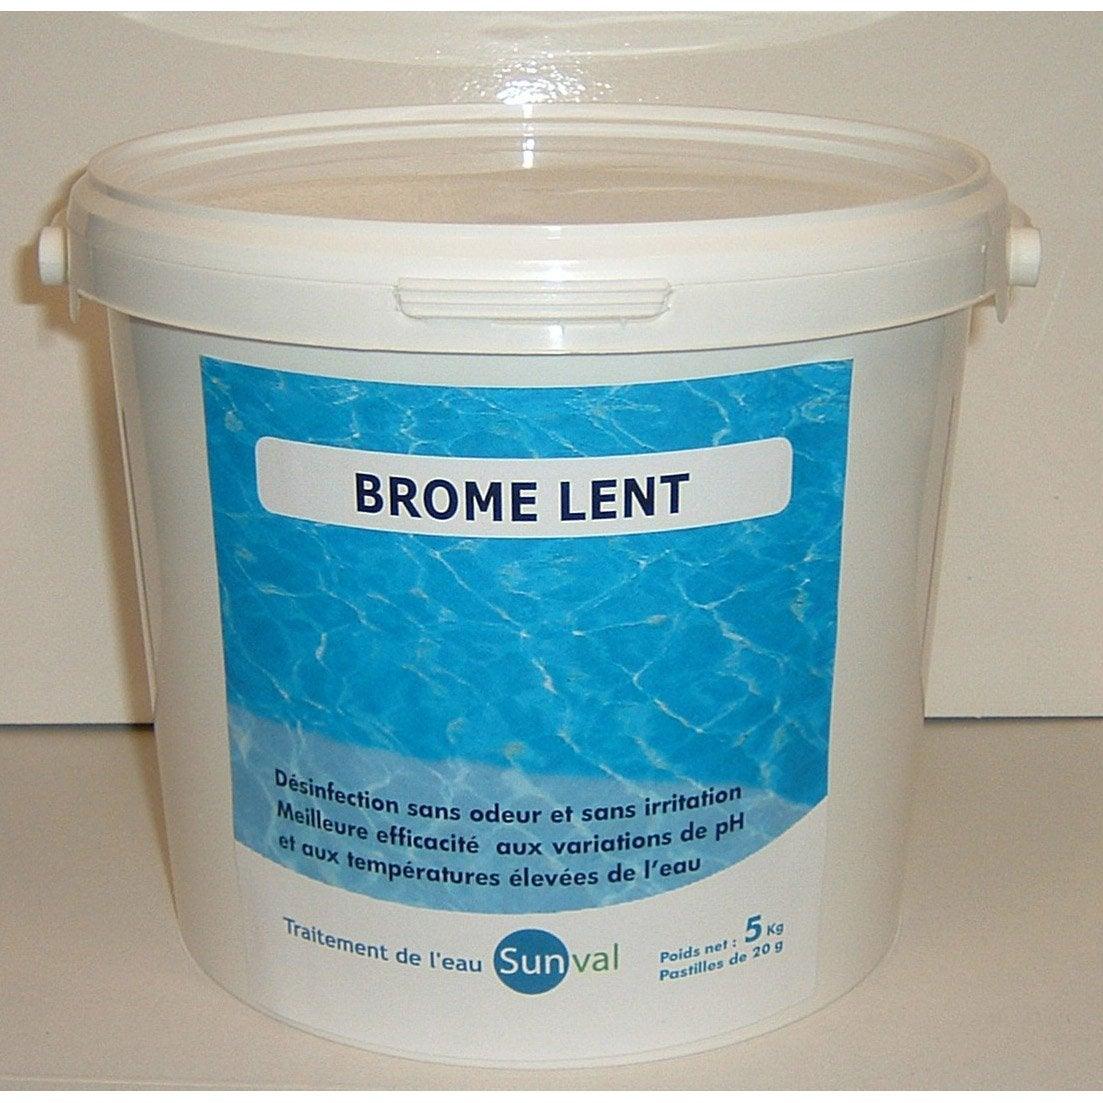 Brome lent piscine pastille 5 kg leroy merlin for Produit piscine